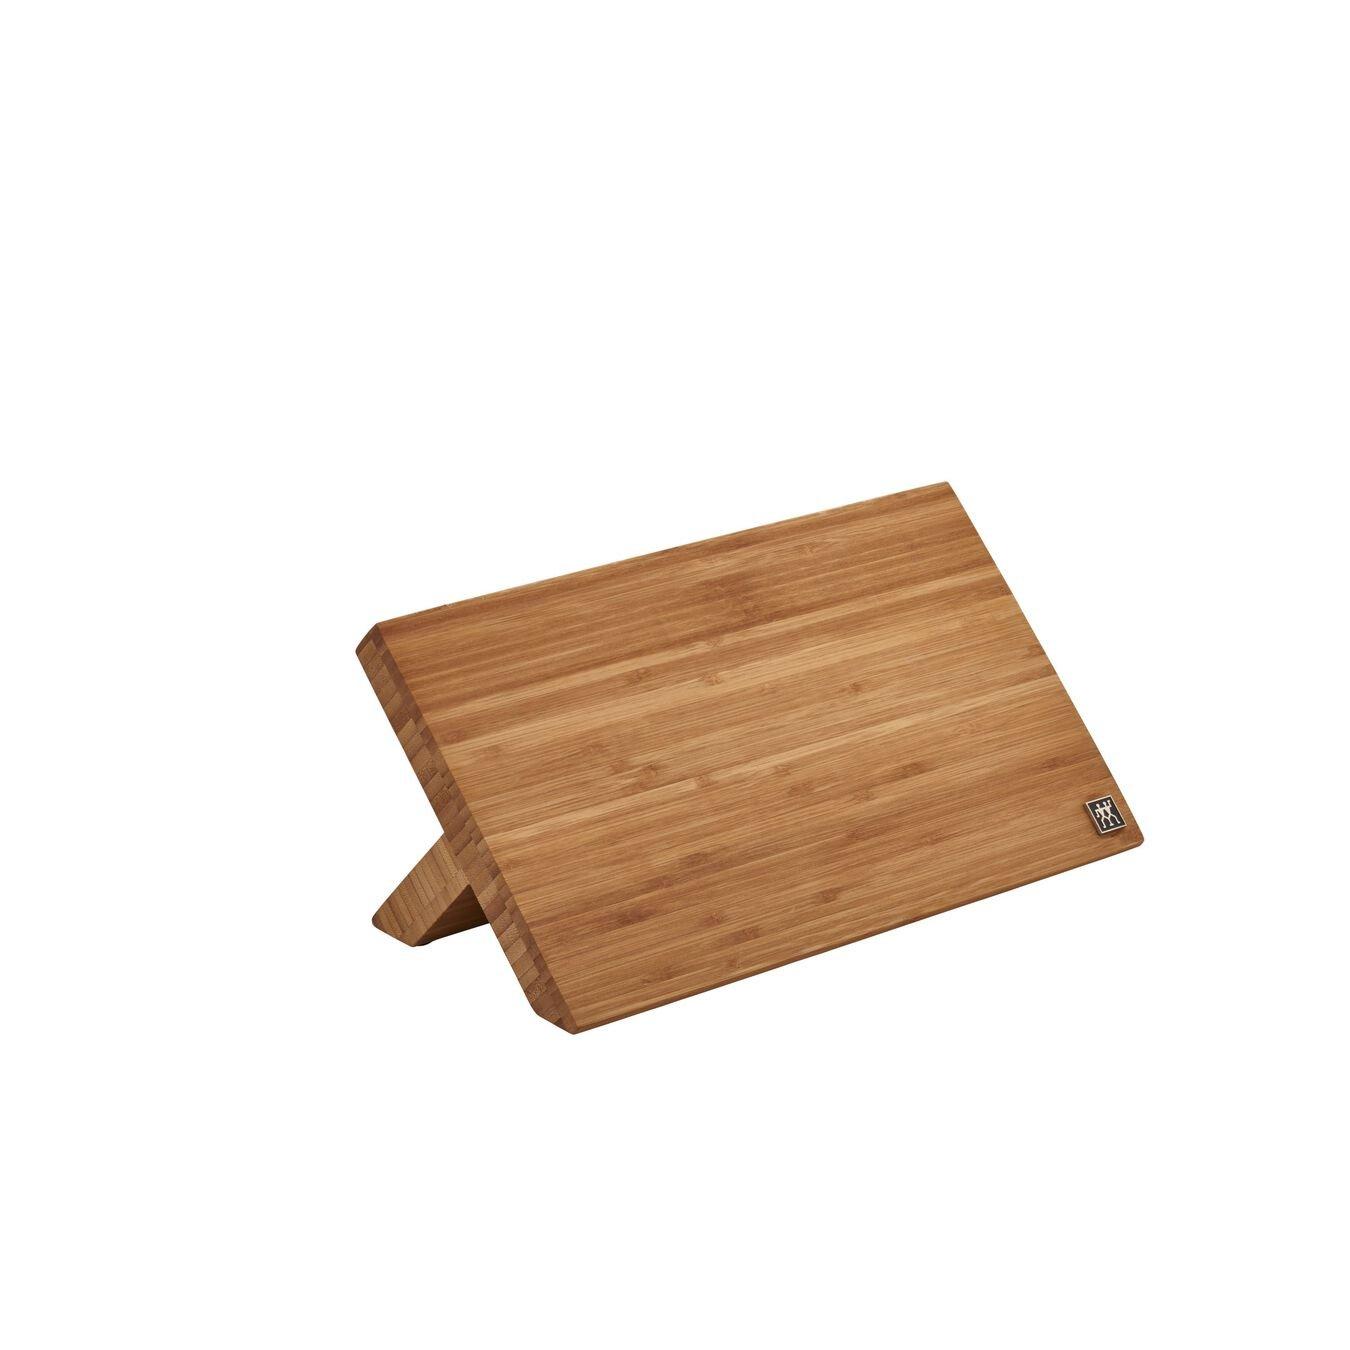 Tom knivblok, 0, Bambus,,large 3